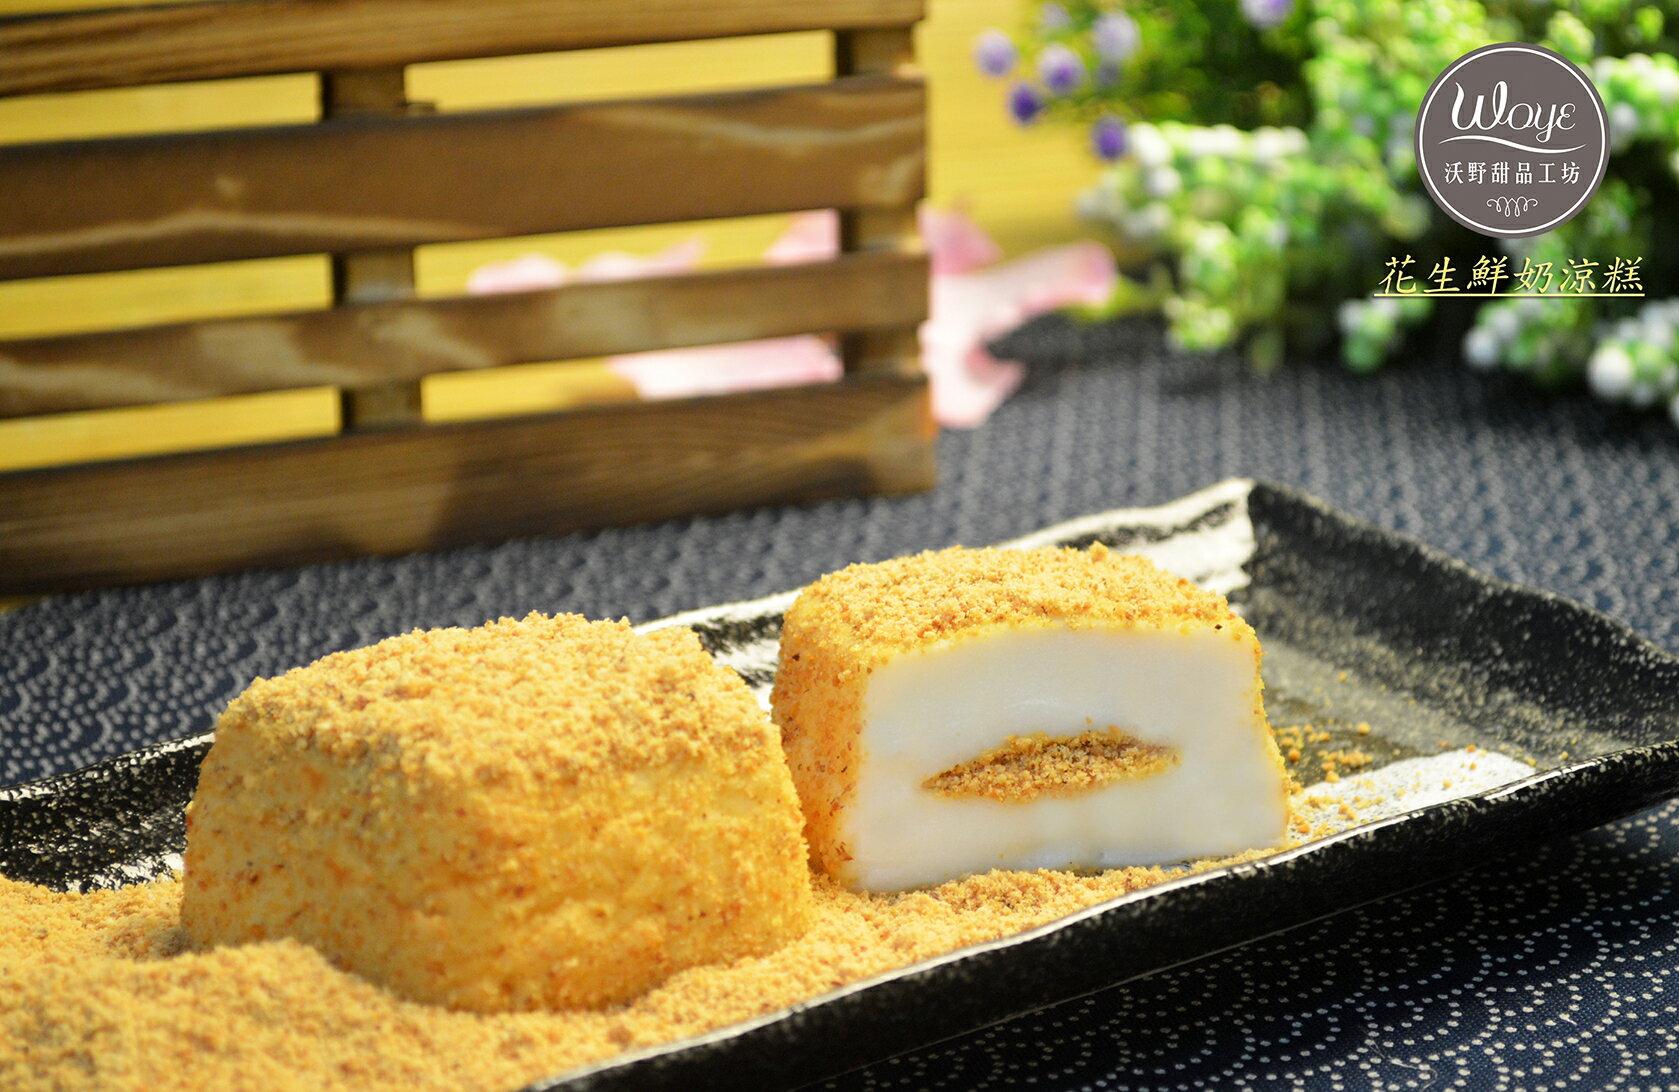 沃野甜品工坊 花生鮮奶涼糕(6入裝)